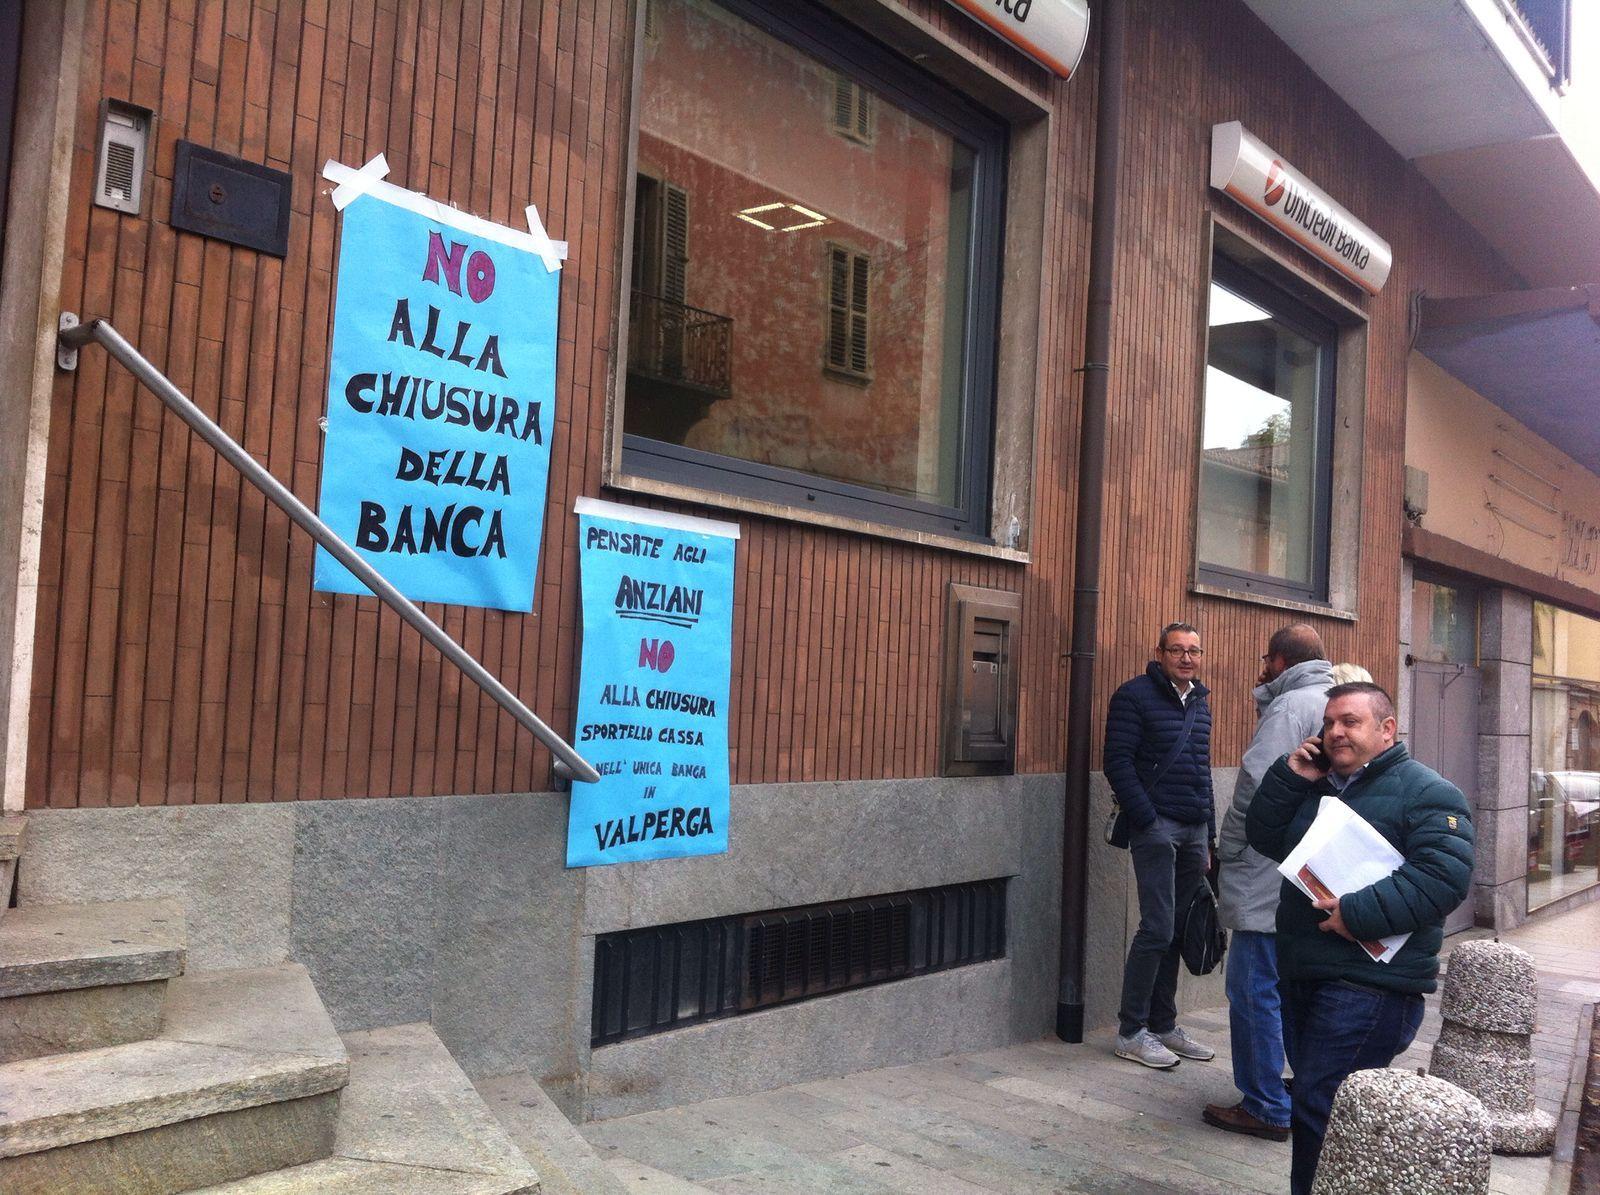 VALPERGA - Addio Unicredit: la banca chiude nonostante le proteste dei cittadini